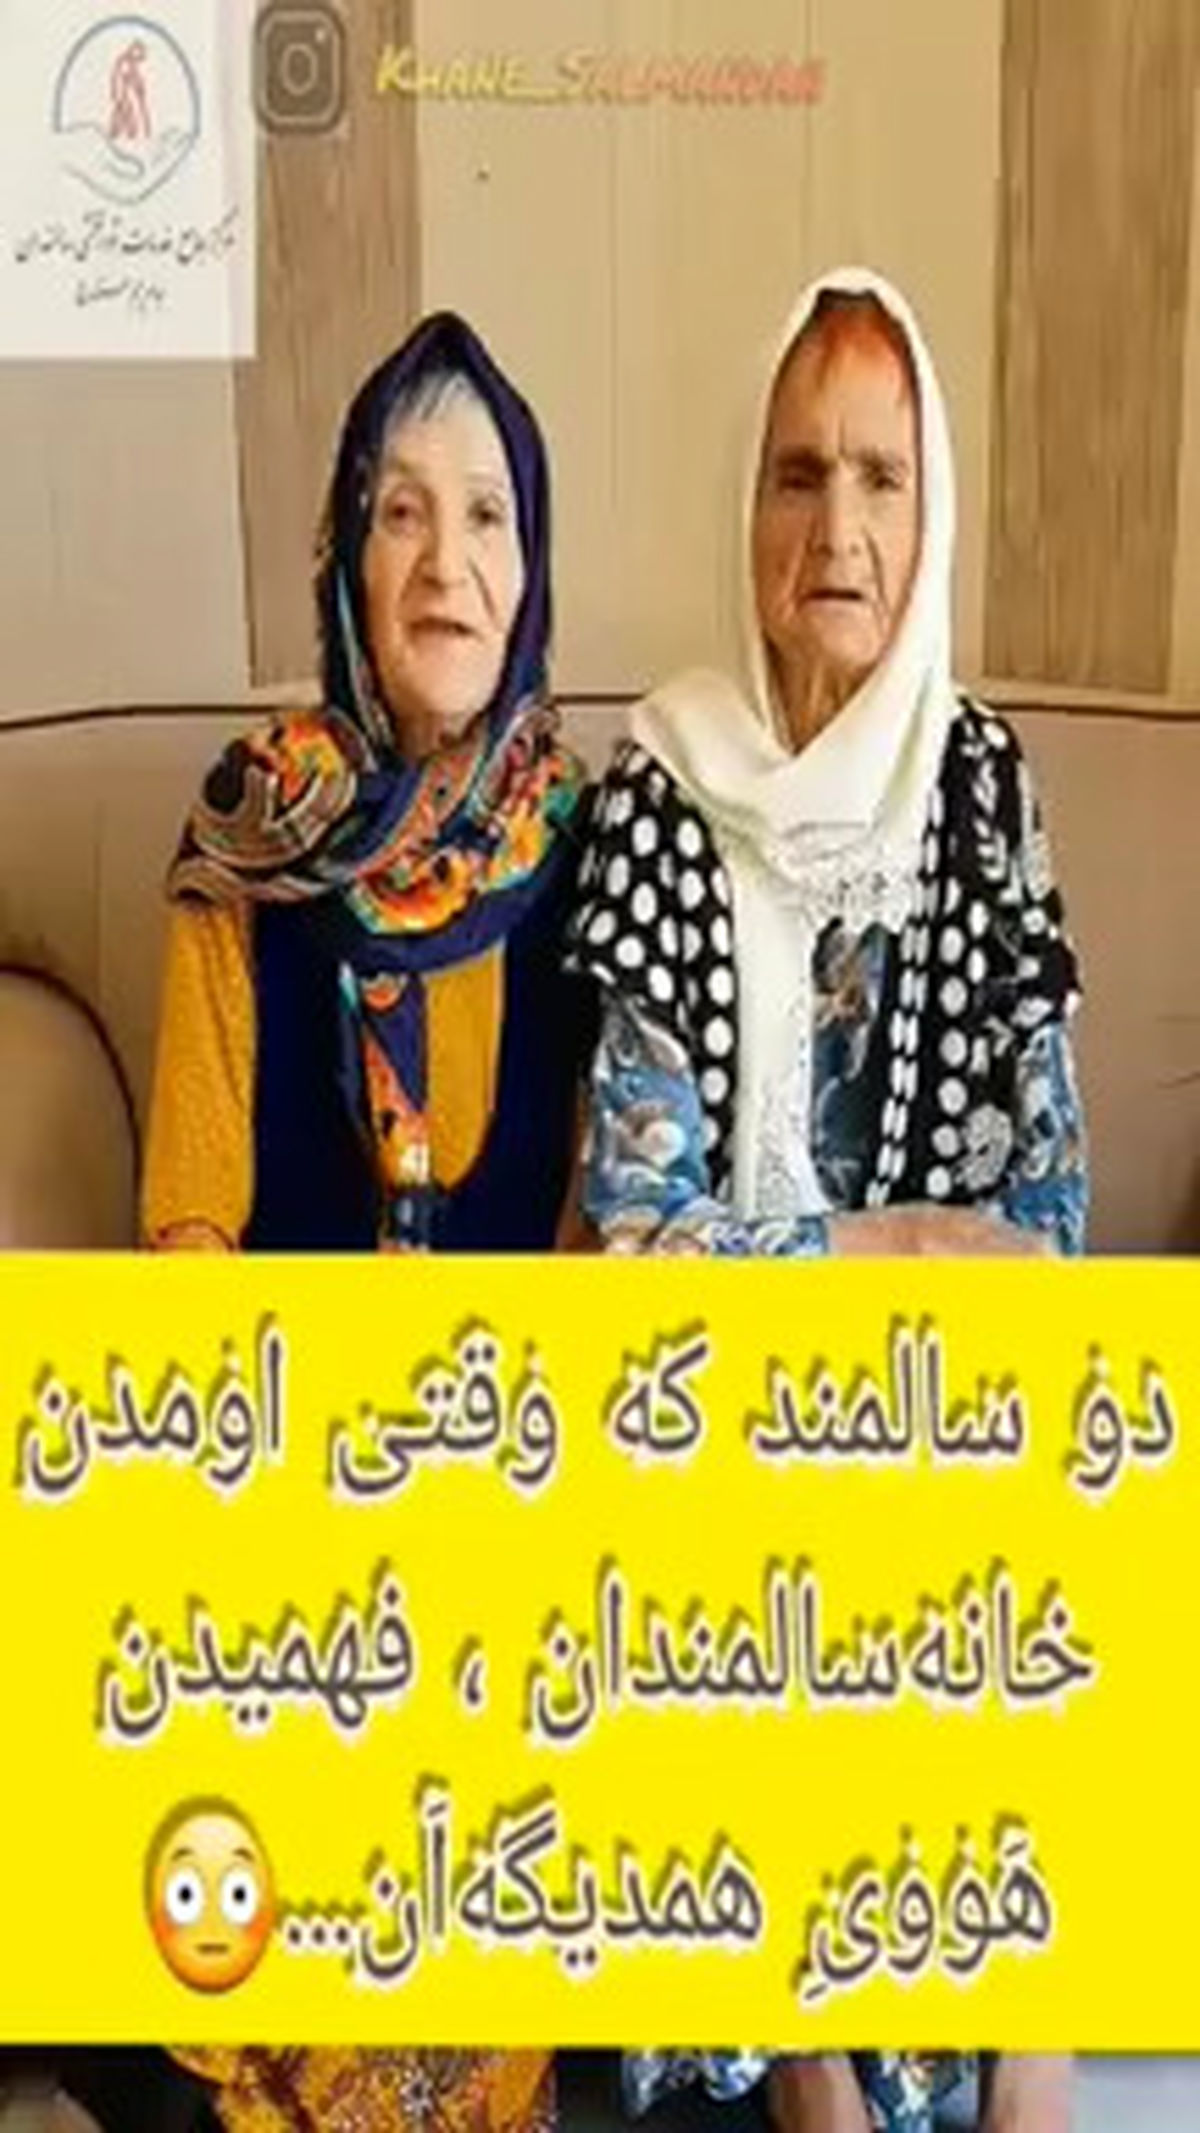 دو زن وقتی اومدن خانه سالمندان فهمیدن هووی هم اند +فیلم باورنکردنی